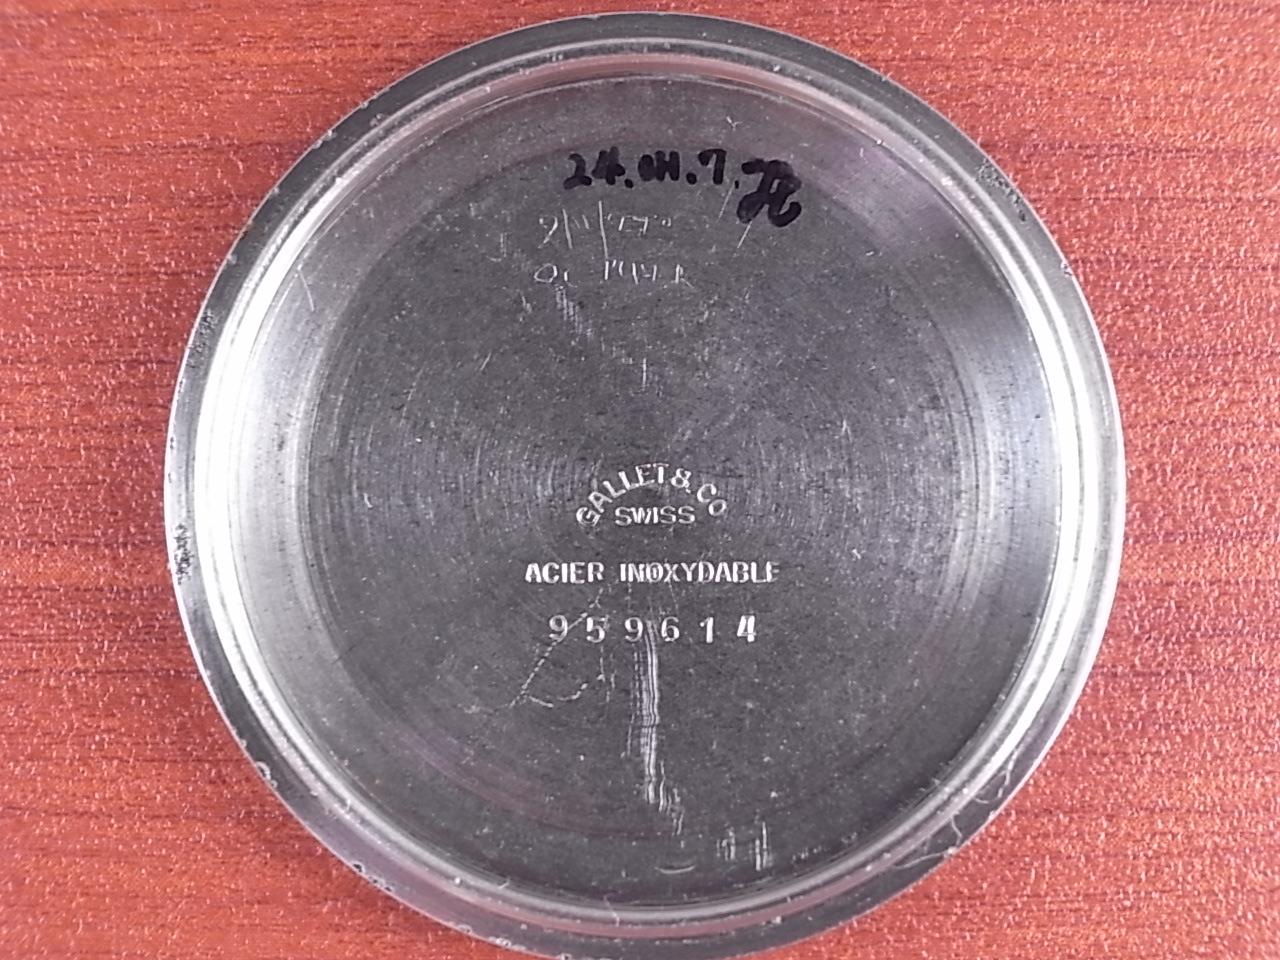 ギャレット クロノグラフ Cal.エクセルシオパーク40-68 プラベゼル 1960年代の写真6枚目